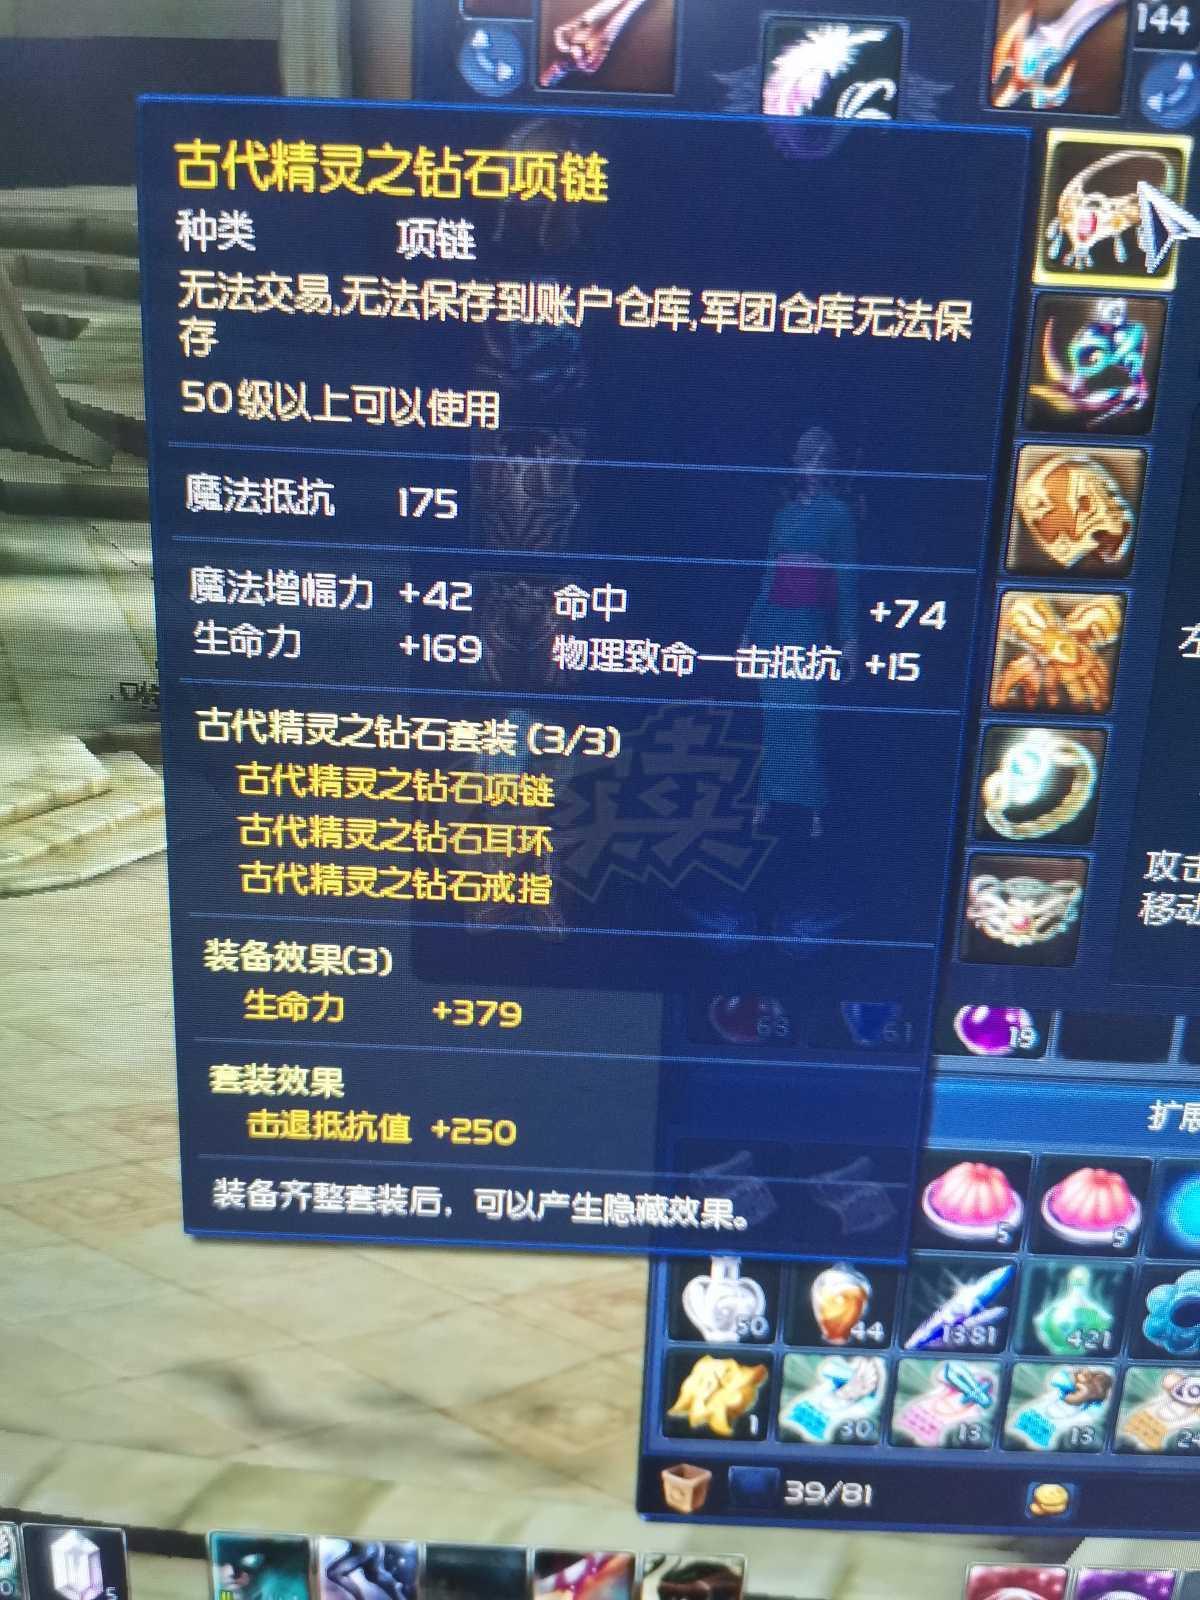 永恒之塔-账号-[杀星50级]卖个辛苦钱 t8武器防具齐研究员头首饰腰齐双神石附赠900w